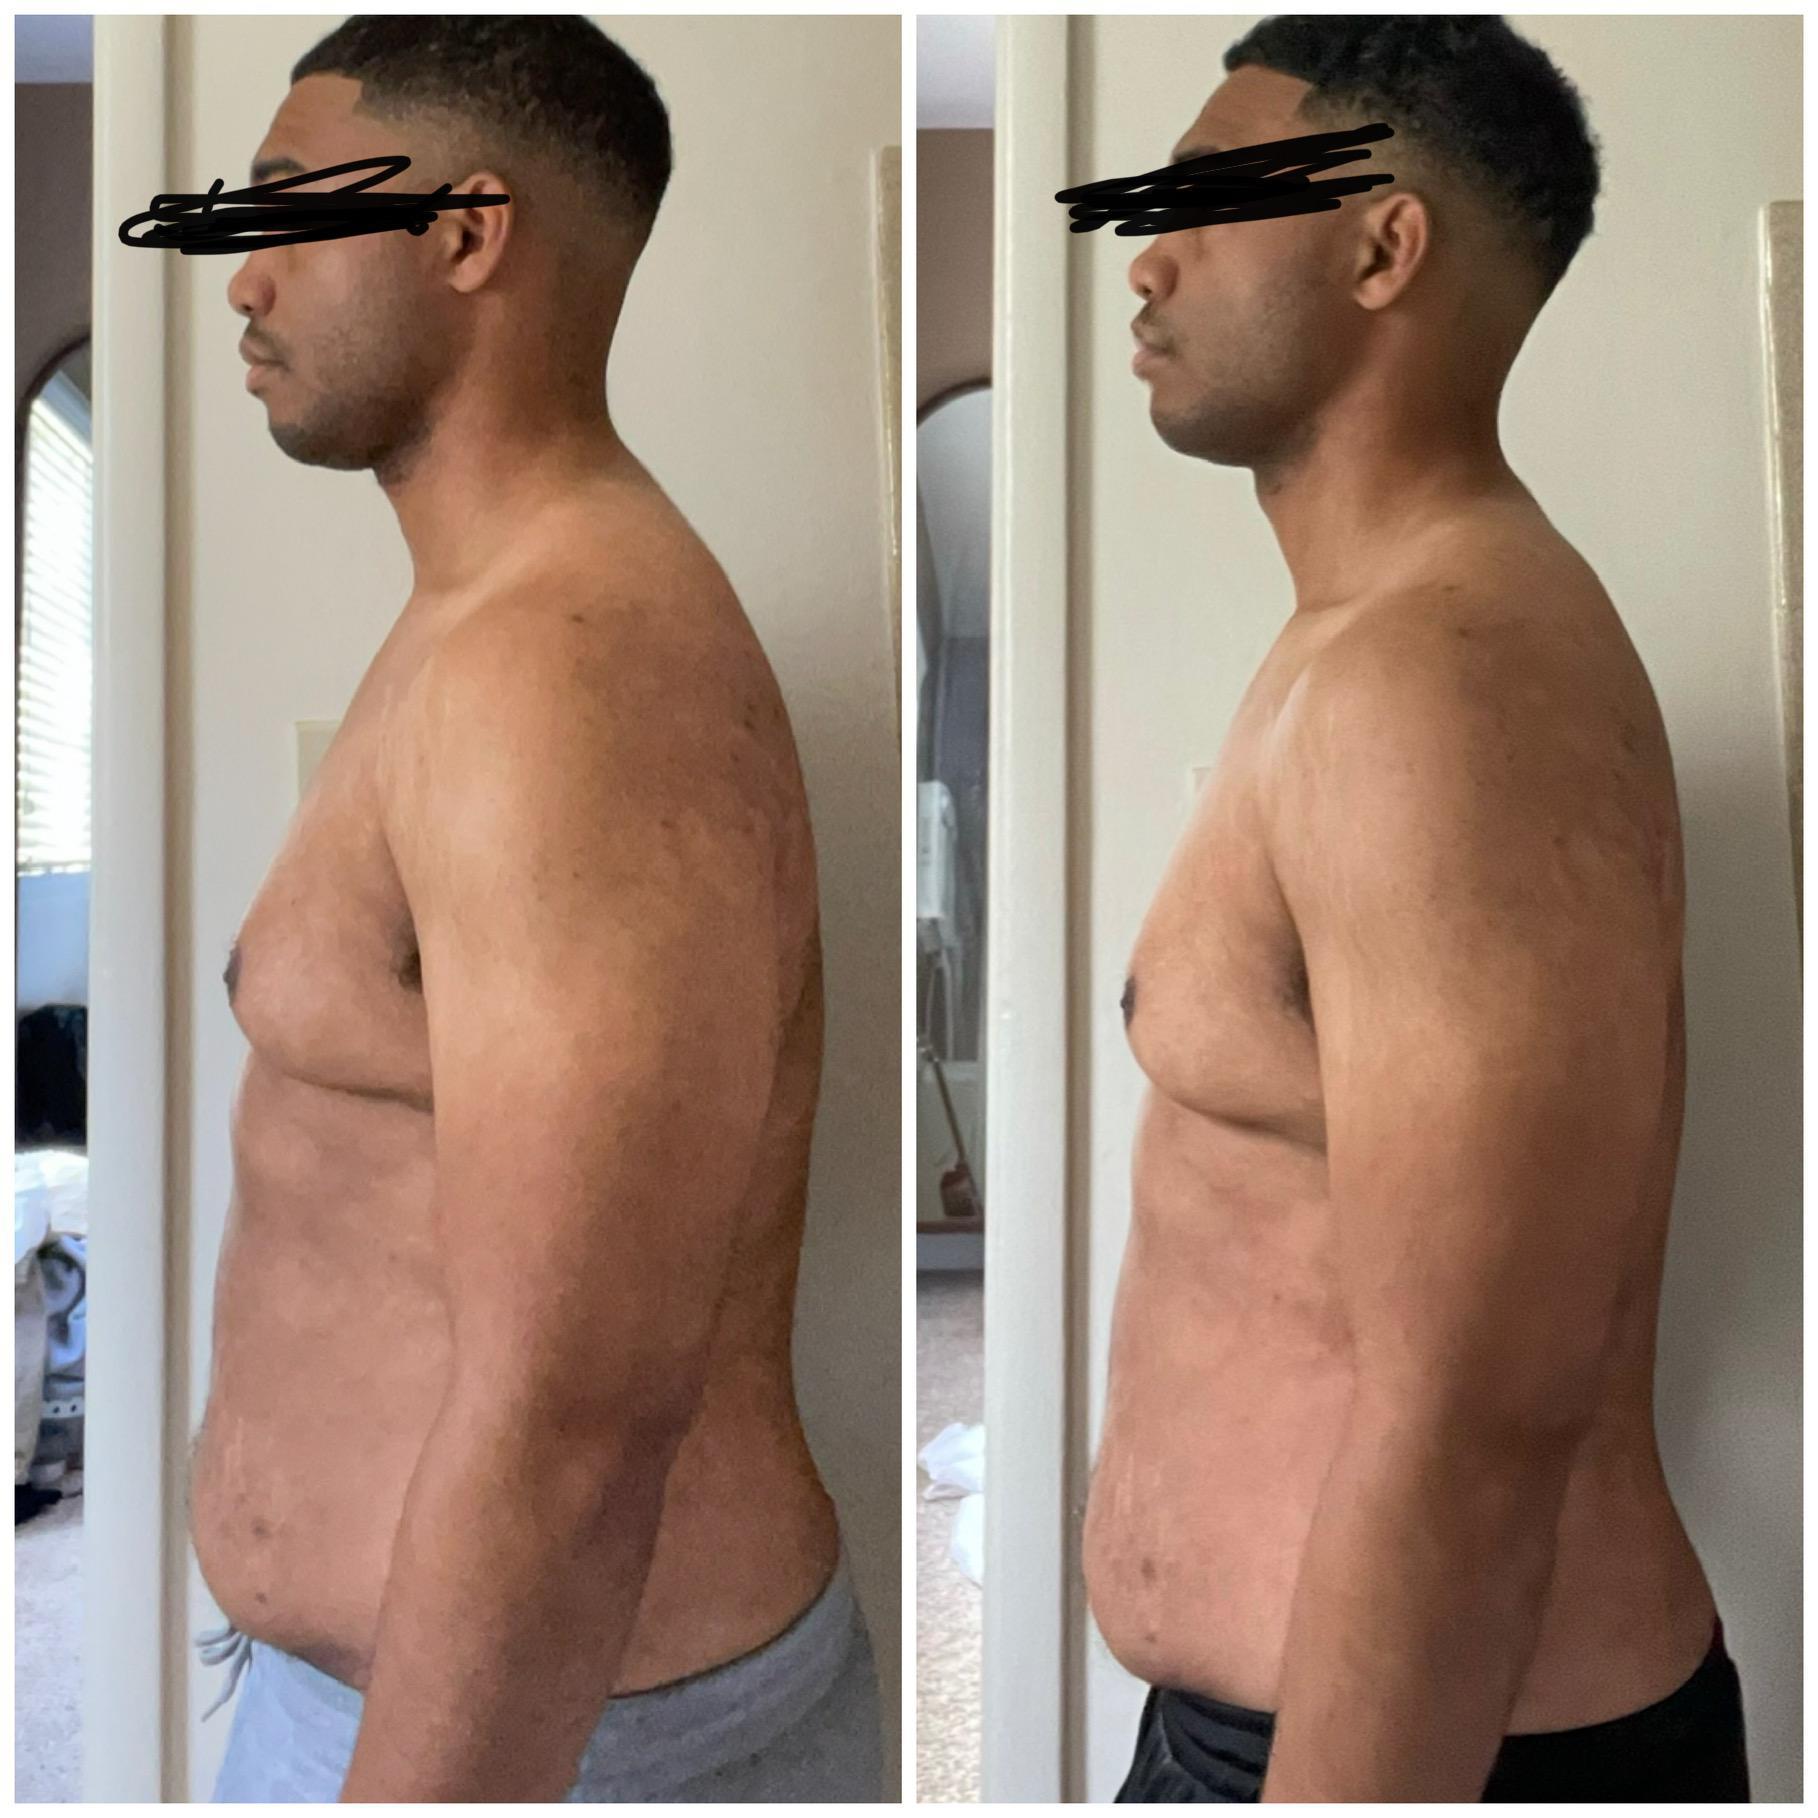 5 foot 7 Male Progress Pics of 6 lbs Fat Loss 192 lbs to 186 lbs